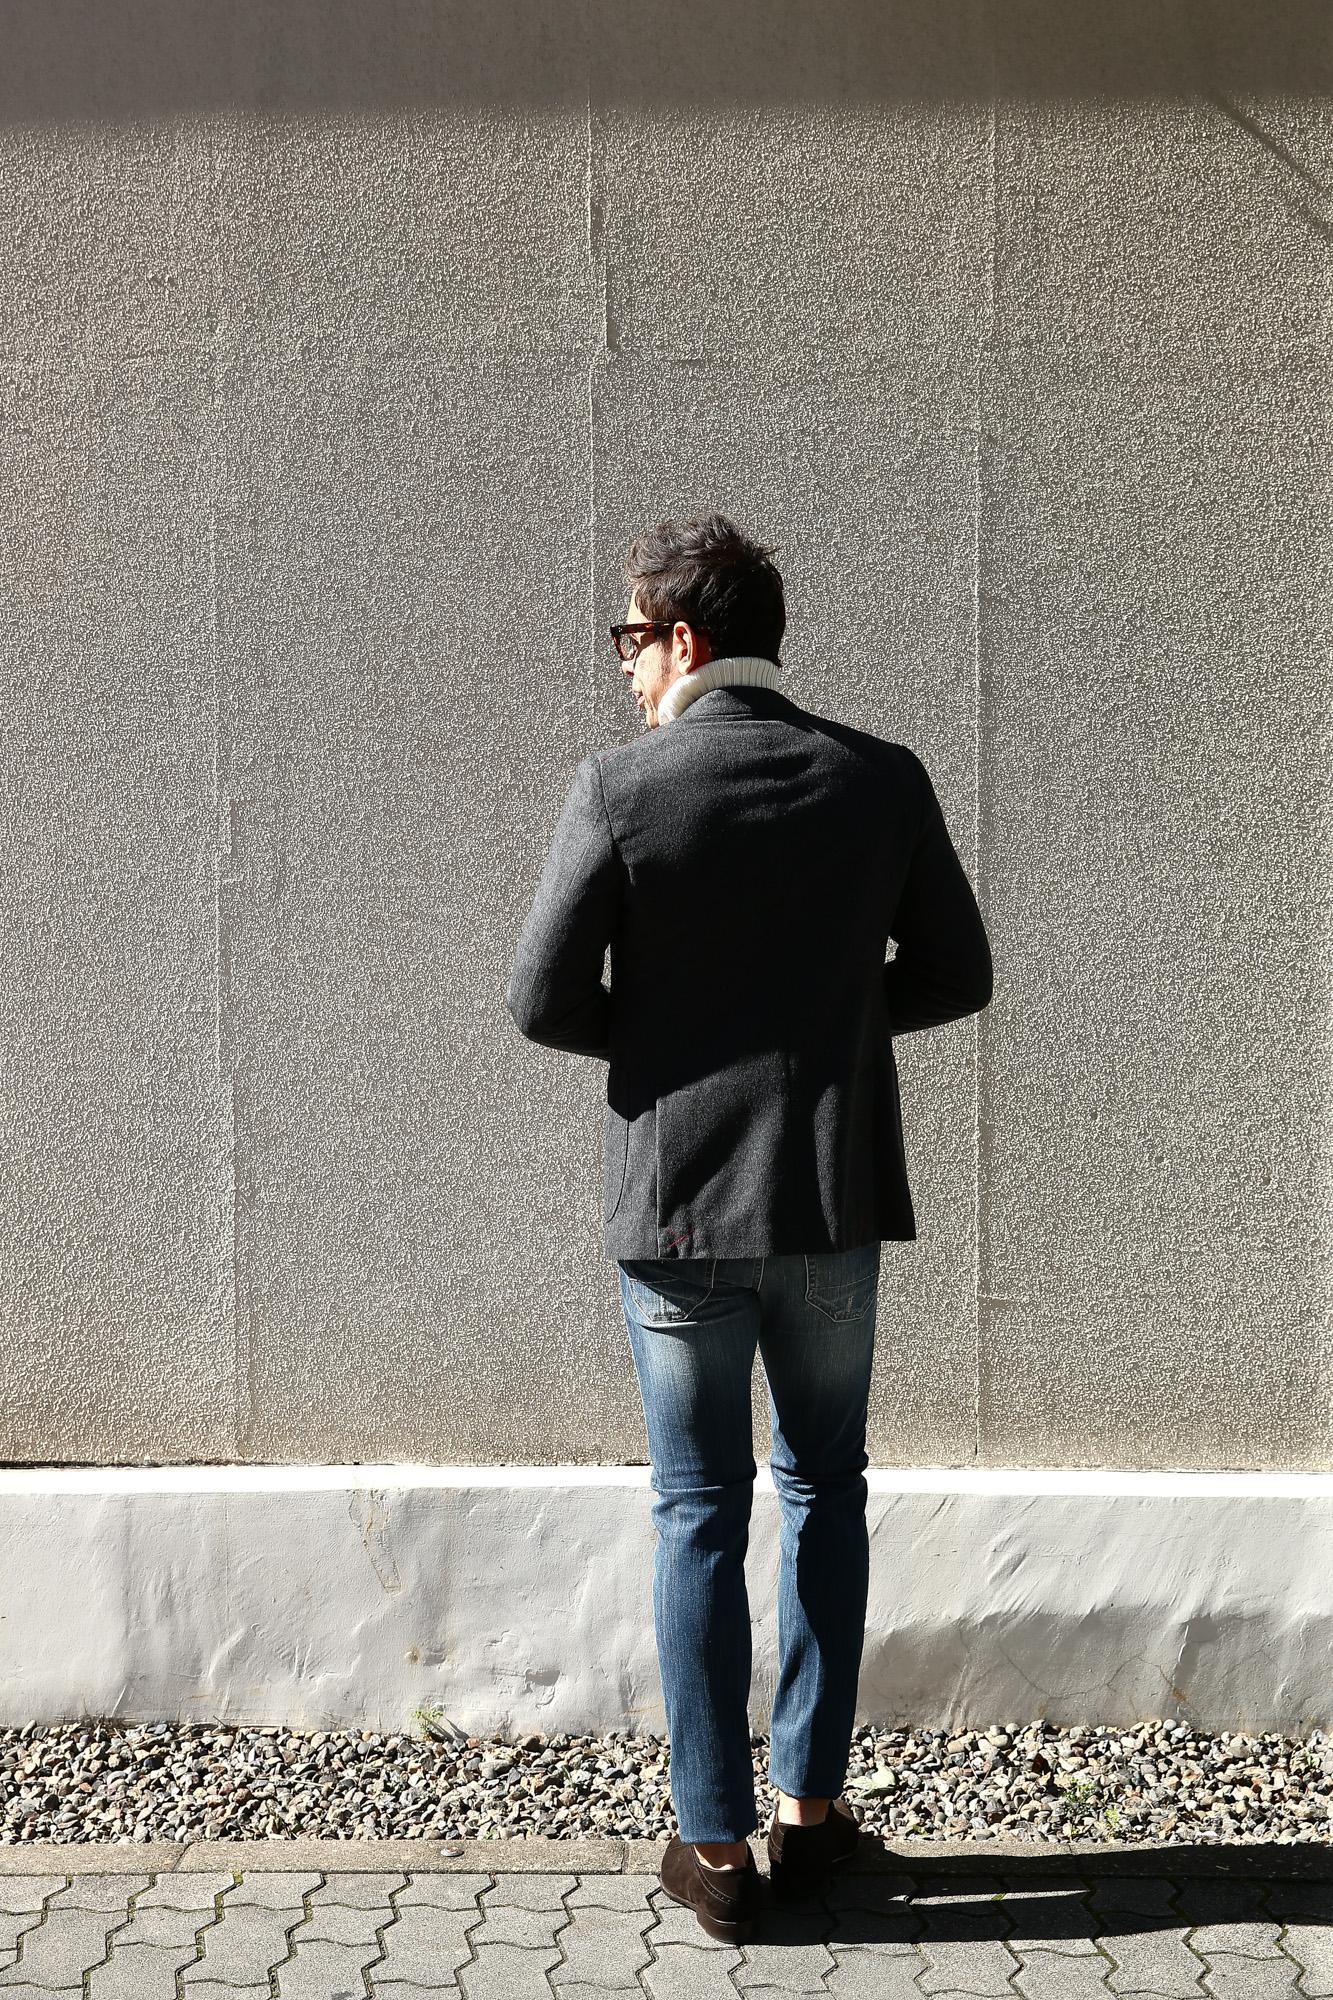 【ISAIA // イザイア】 SAILOR (セイラー) AQUA MOLESKIN ウールカシミア モールスキン フランネル アンコン 3Bジャケット MEDIUM GRAY (ミディアムグレー・970) Made in italy (イタリア製) 2017 秋冬新作 isaia 愛知 名古屋 ZODIAC ゾディアック